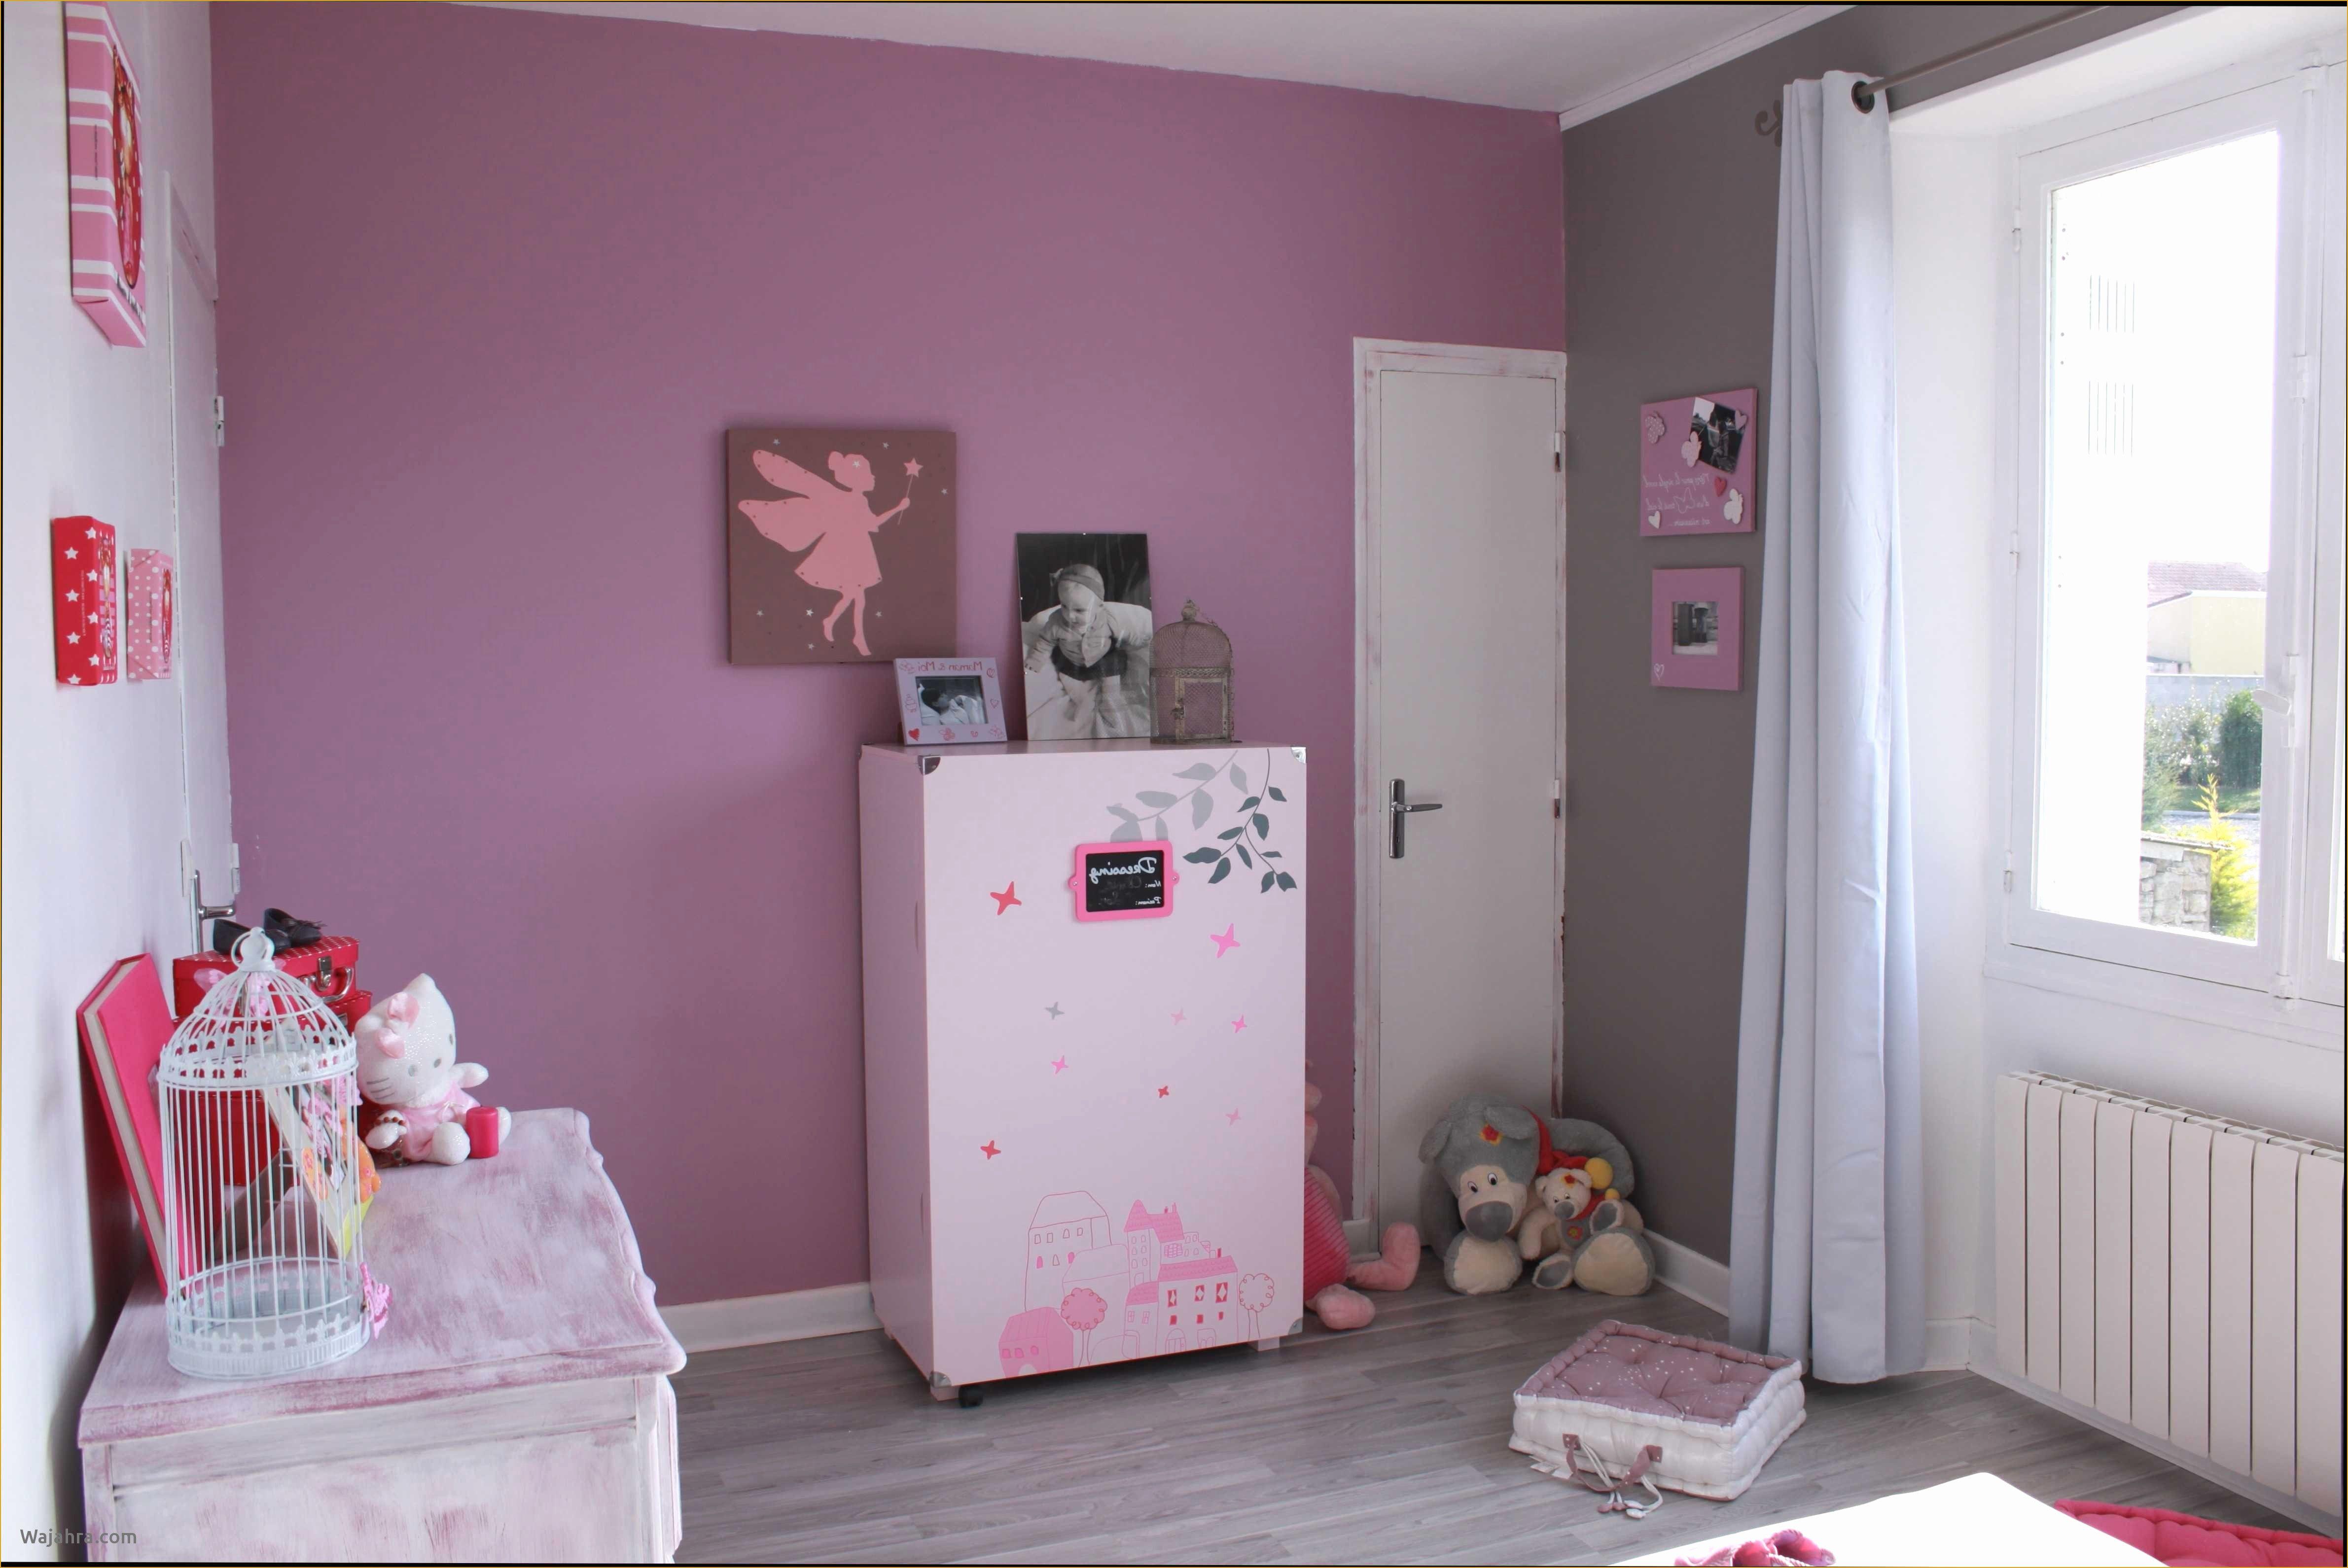 Couverture Lit Bébé Élégant Dessin Bébé Qui Dort Imprimer Aisé Lit Bébé Quax Frais Chambre Bébé